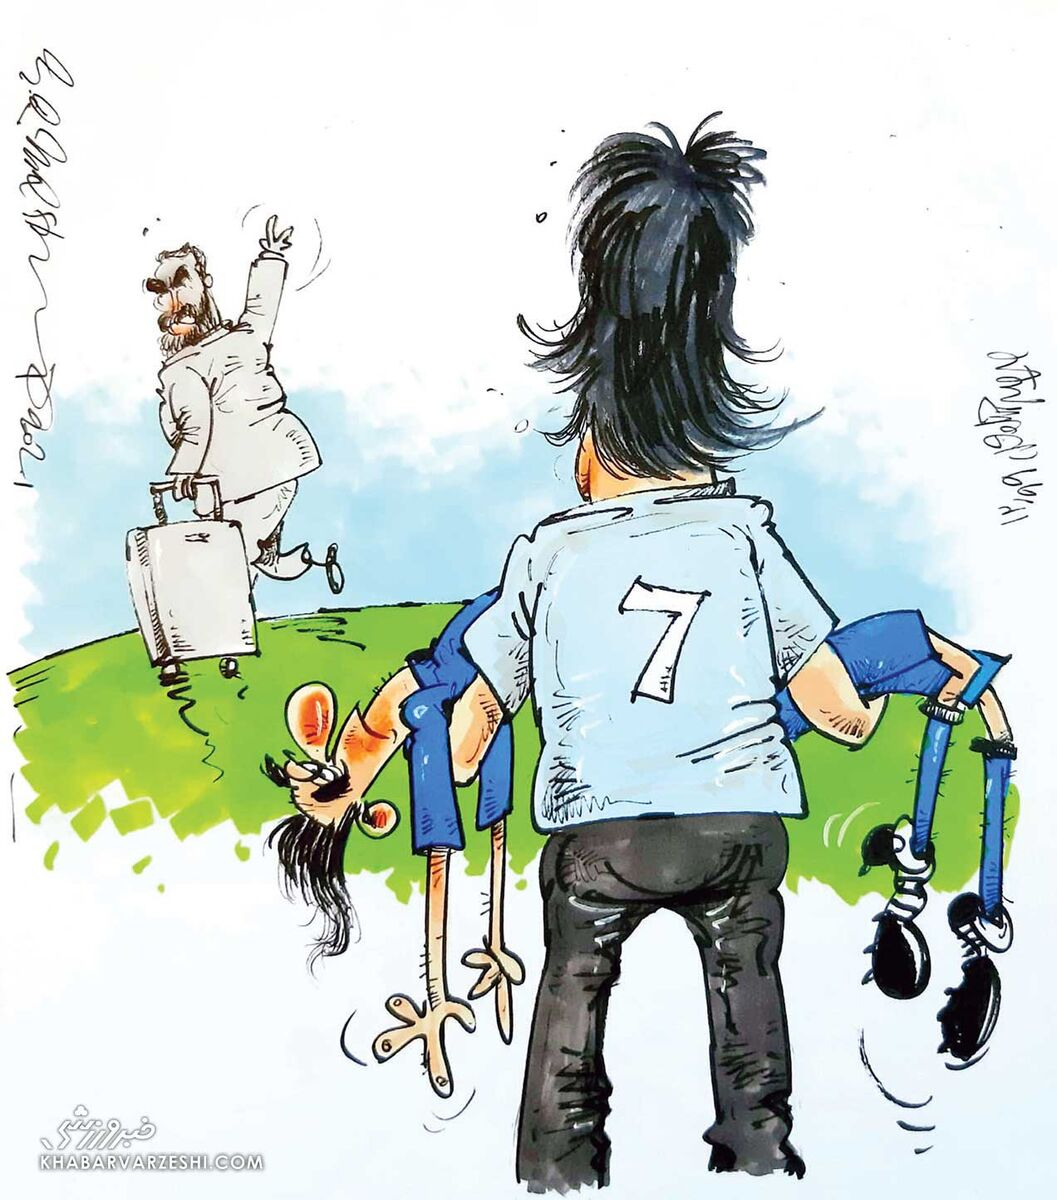 کارتون محمدرضا میرشاهولد درباره استقلال فکری به مجیدی